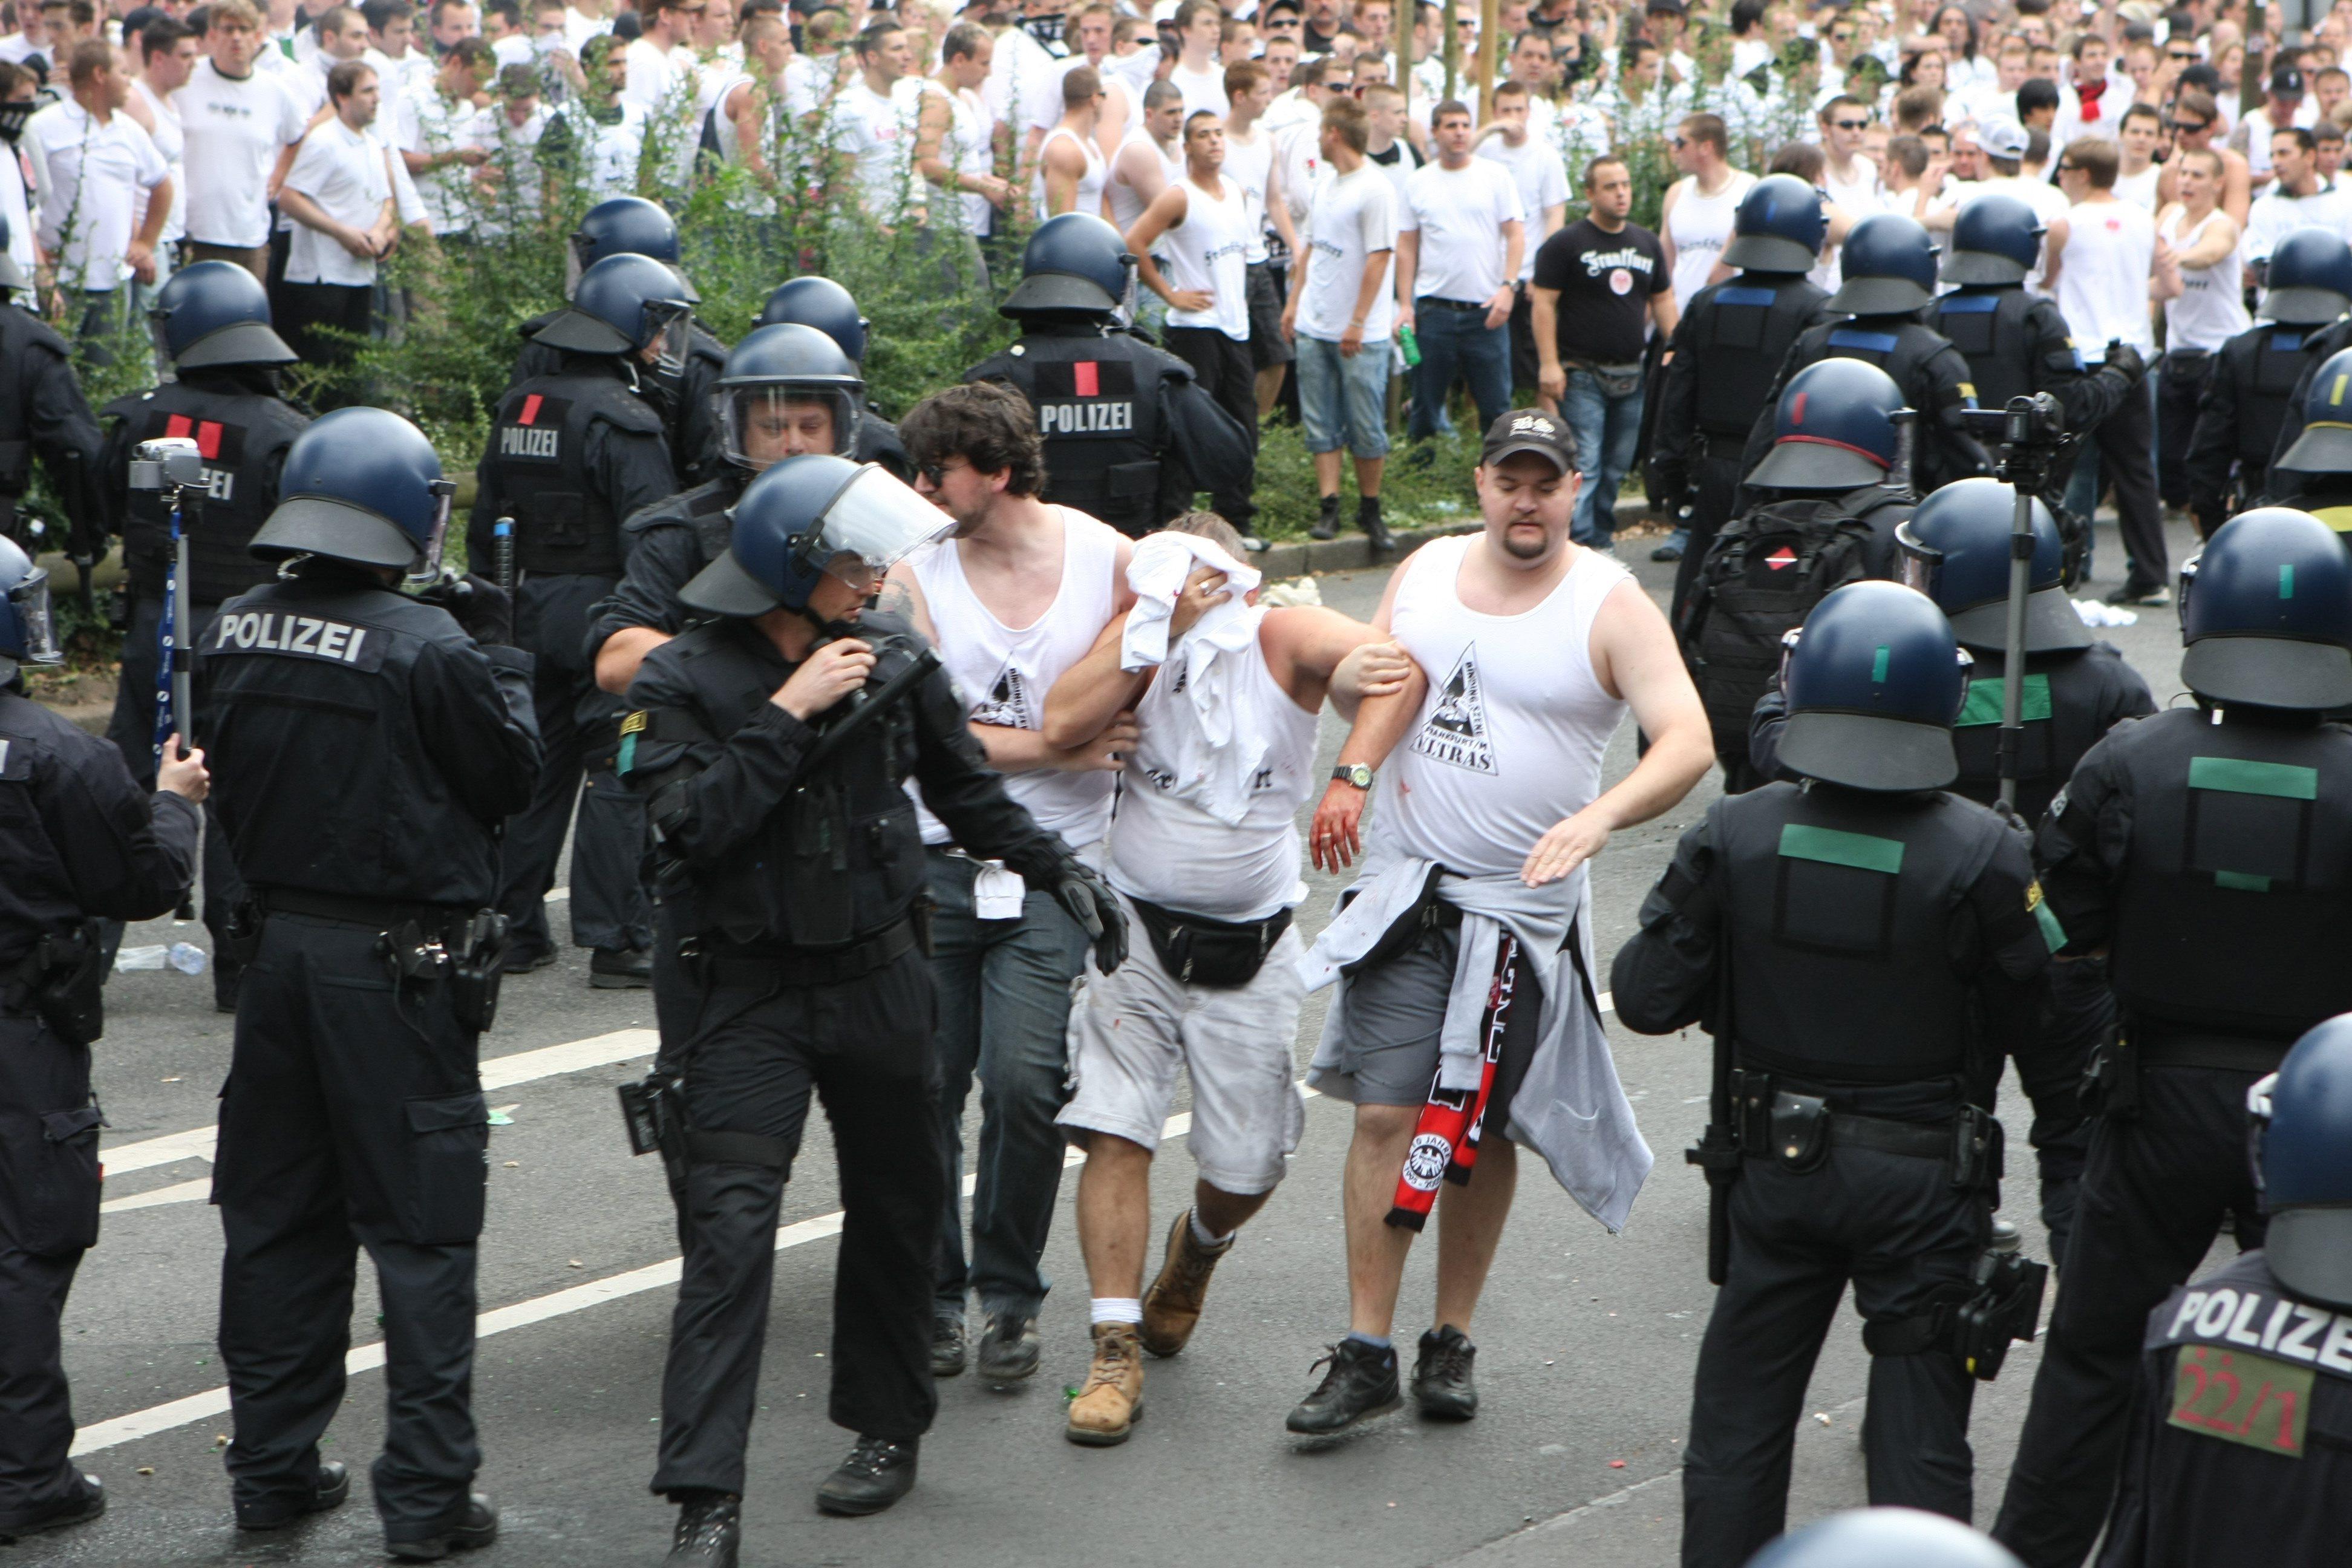 Ultras de fútbol en Alemania. Foto: Heptágono.